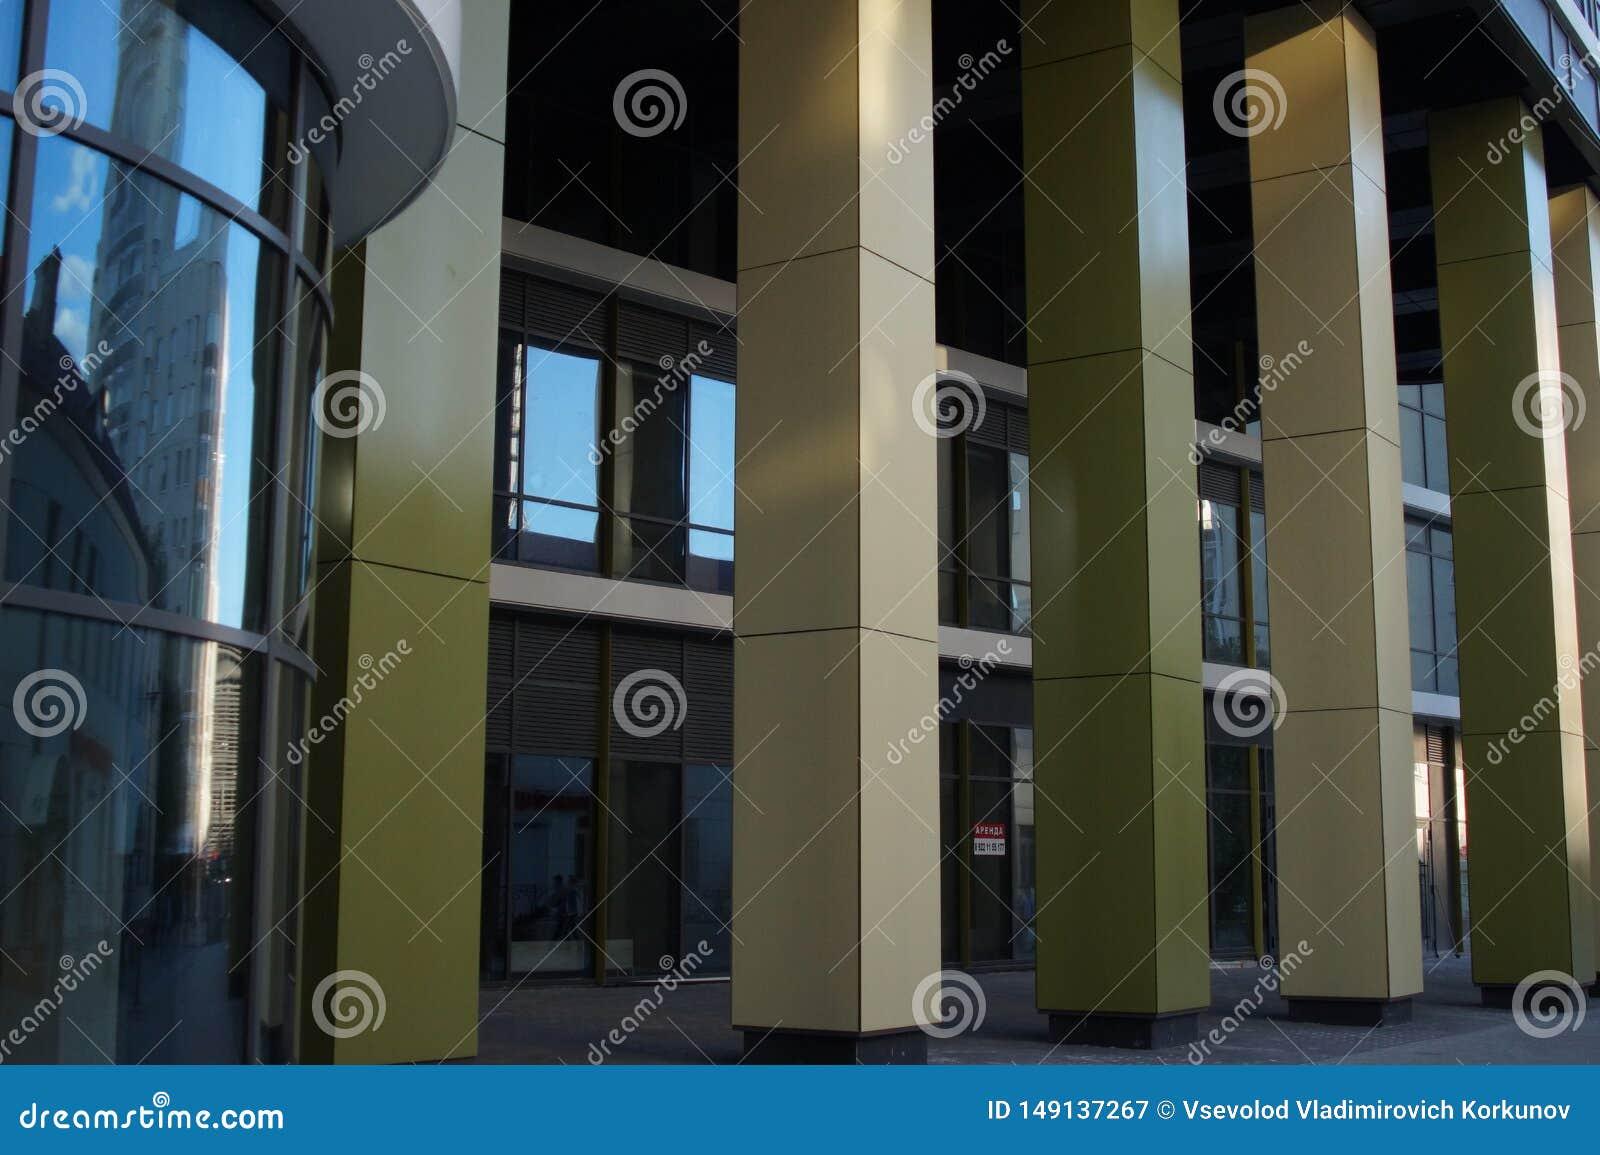 大厦的片段的照片 Ekaterinburg,俄罗斯,Khokhryakova街63,复合体5月2019年,住宅'三位一体'